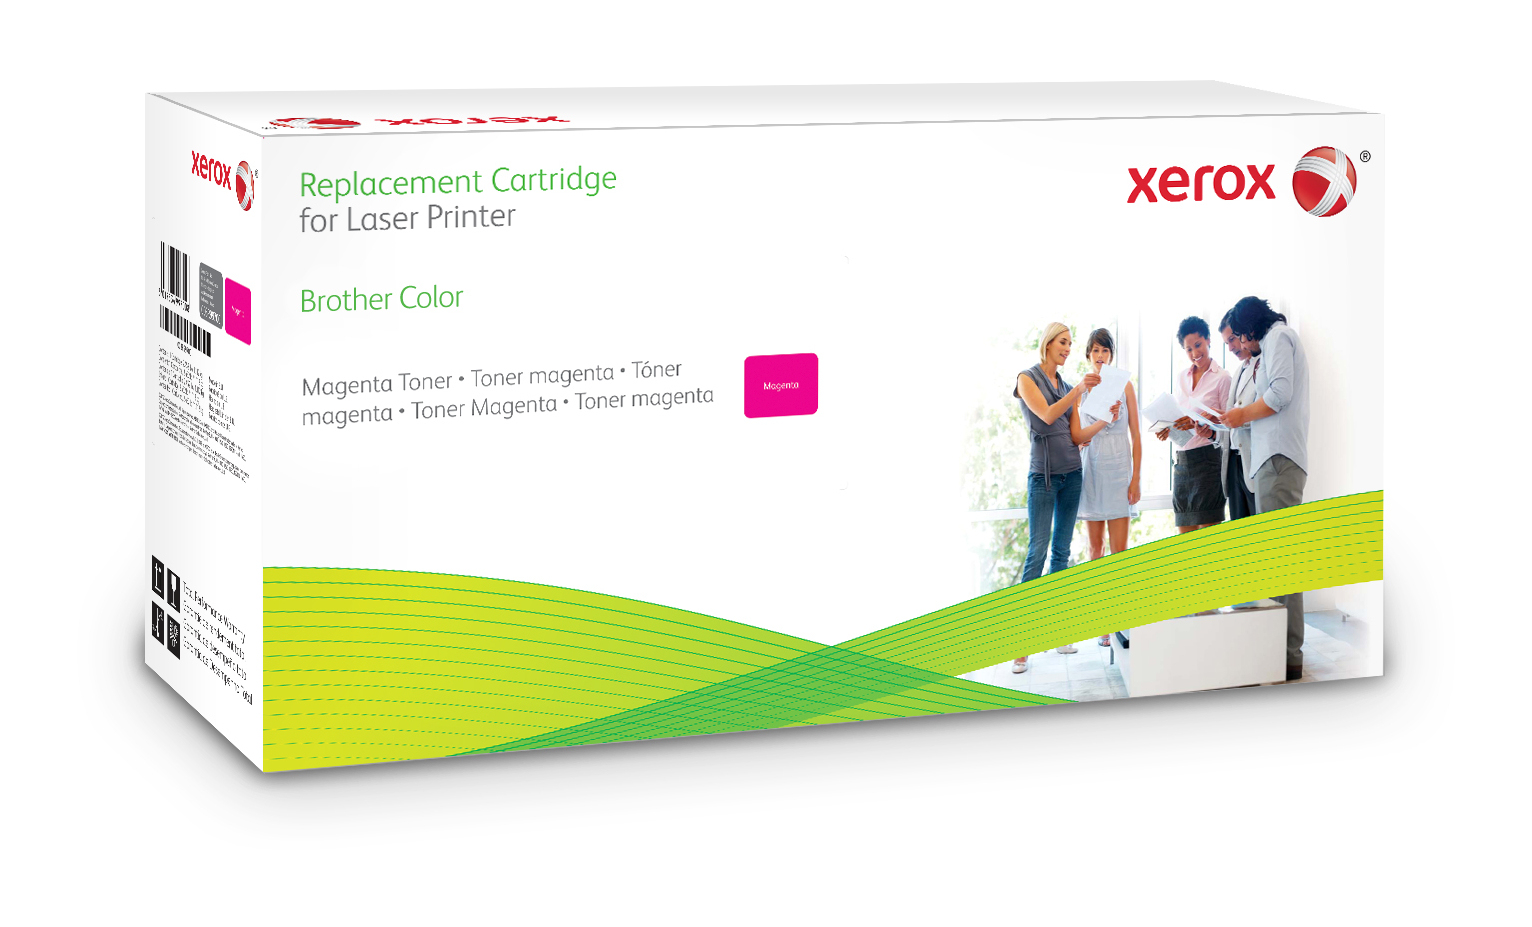 Xerox Cartucho de tóner magenta. Equivalente a Brother TN135M. Compatible con Brother DCP-9040CN/9042CDN/9045CDN, HL-4040CDN/4040CN, 4050CDN/4070CDW, MFC-9440CN/9450CDN, 9840CDW